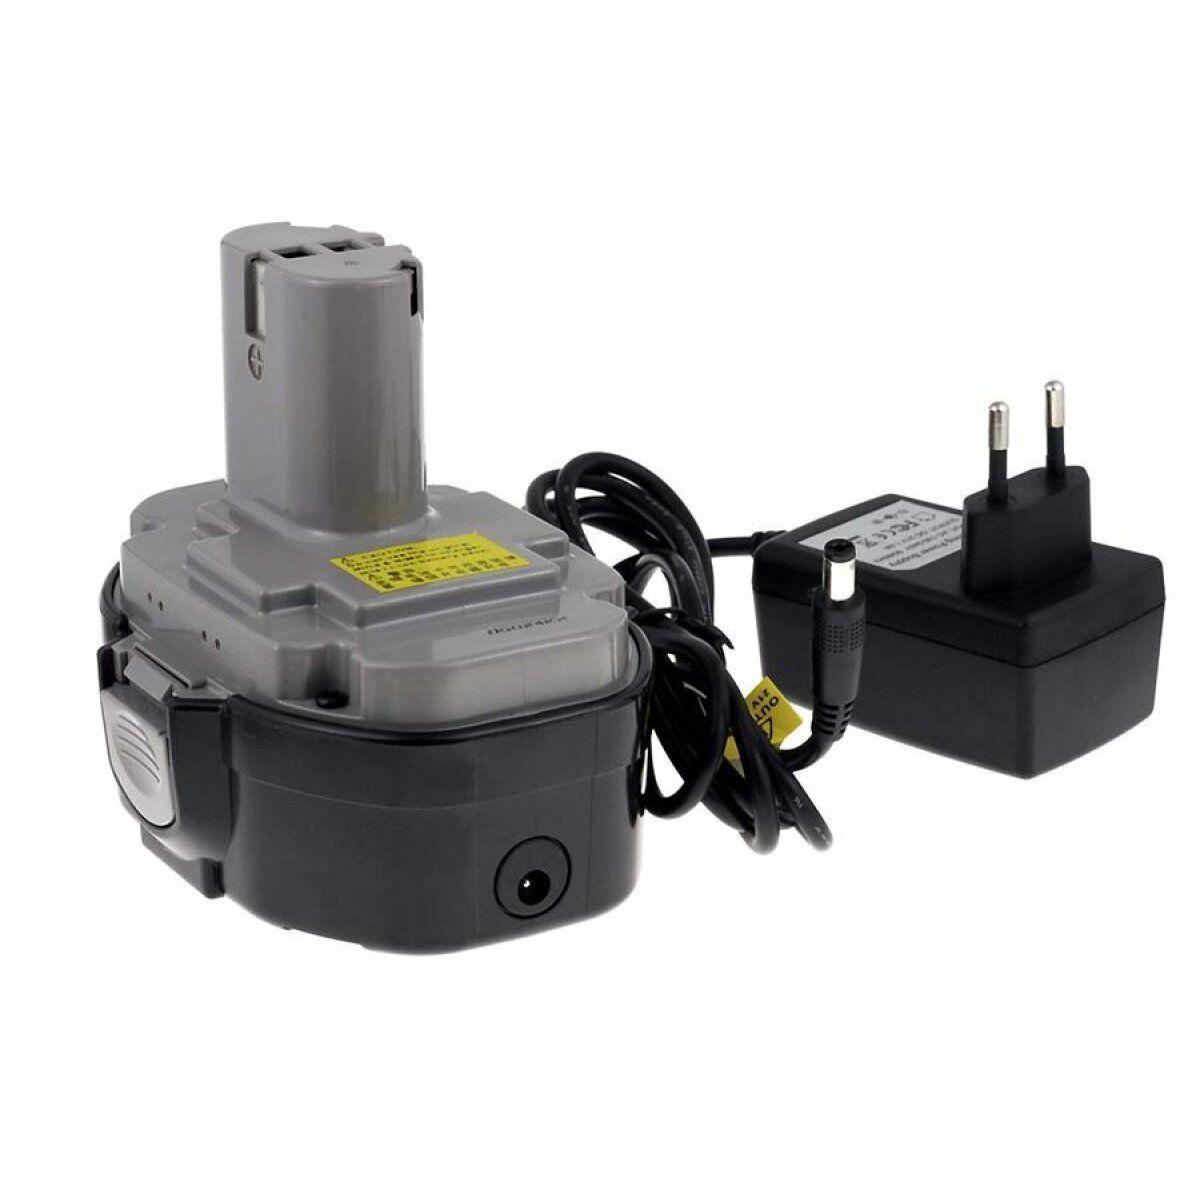 Batterie pour Makita Radio BMR100 Li-Ion Chargeur incl. 18V 1500mAh 27Wh Li-Ion